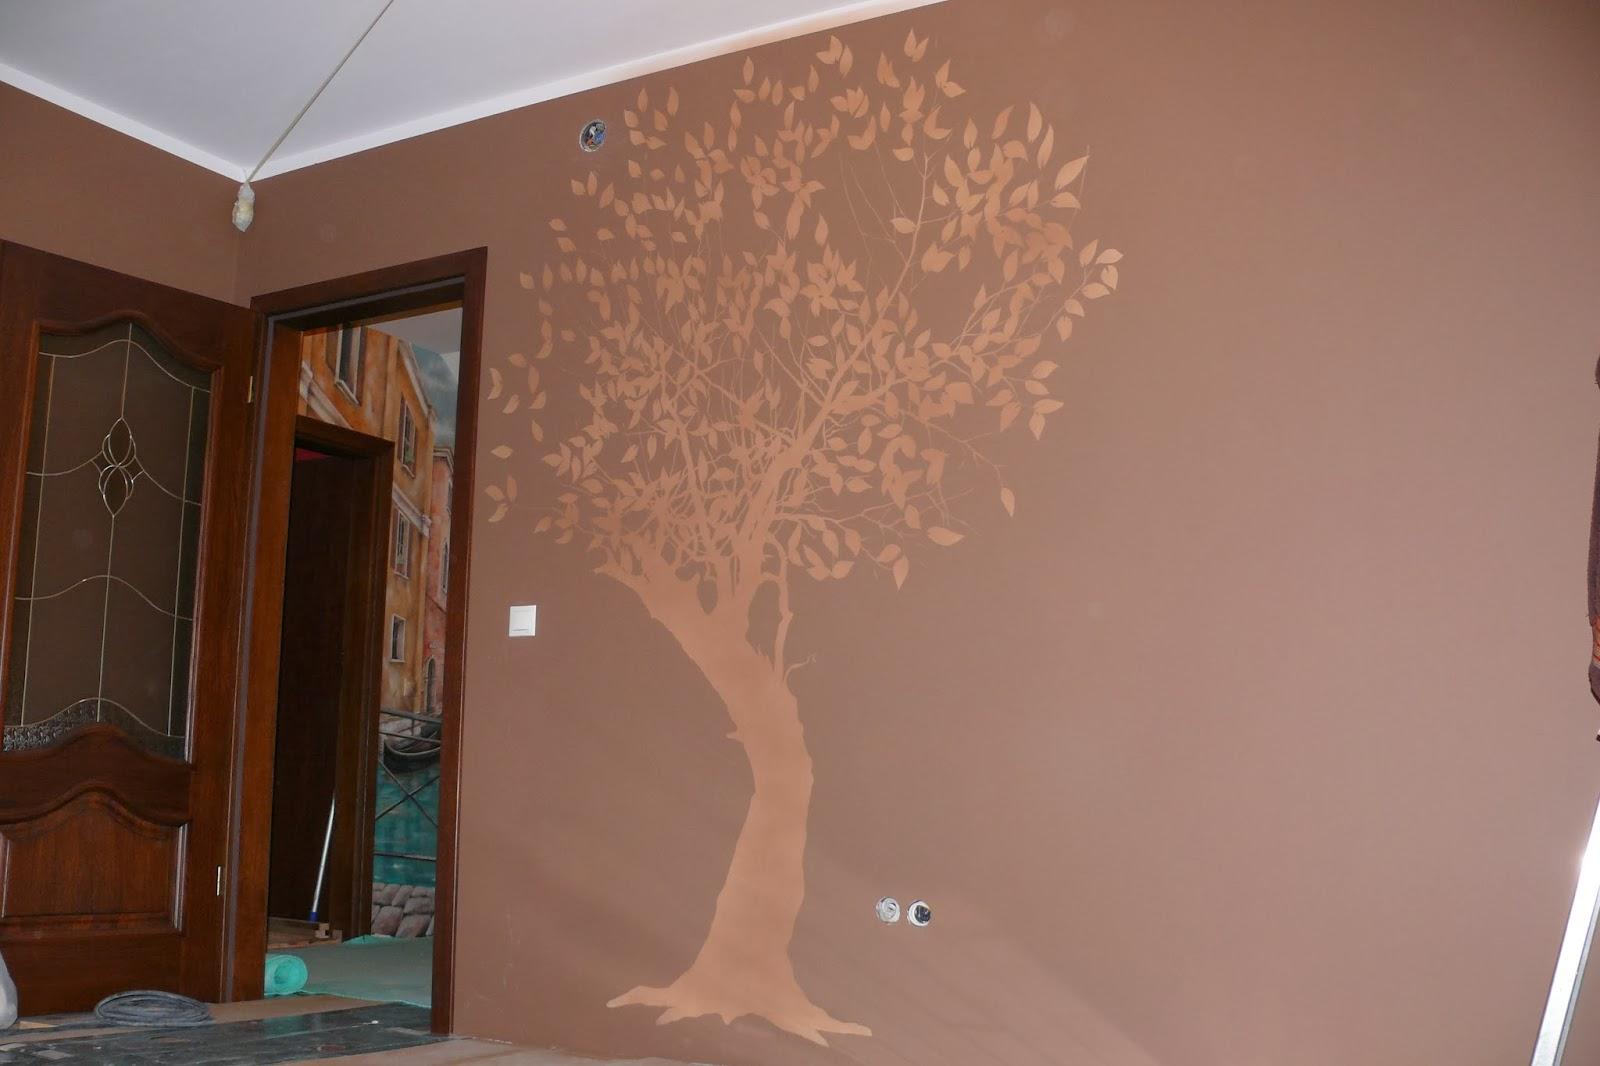 Malowanie drzewa, rtystyczne malowanie ściany w warszwie